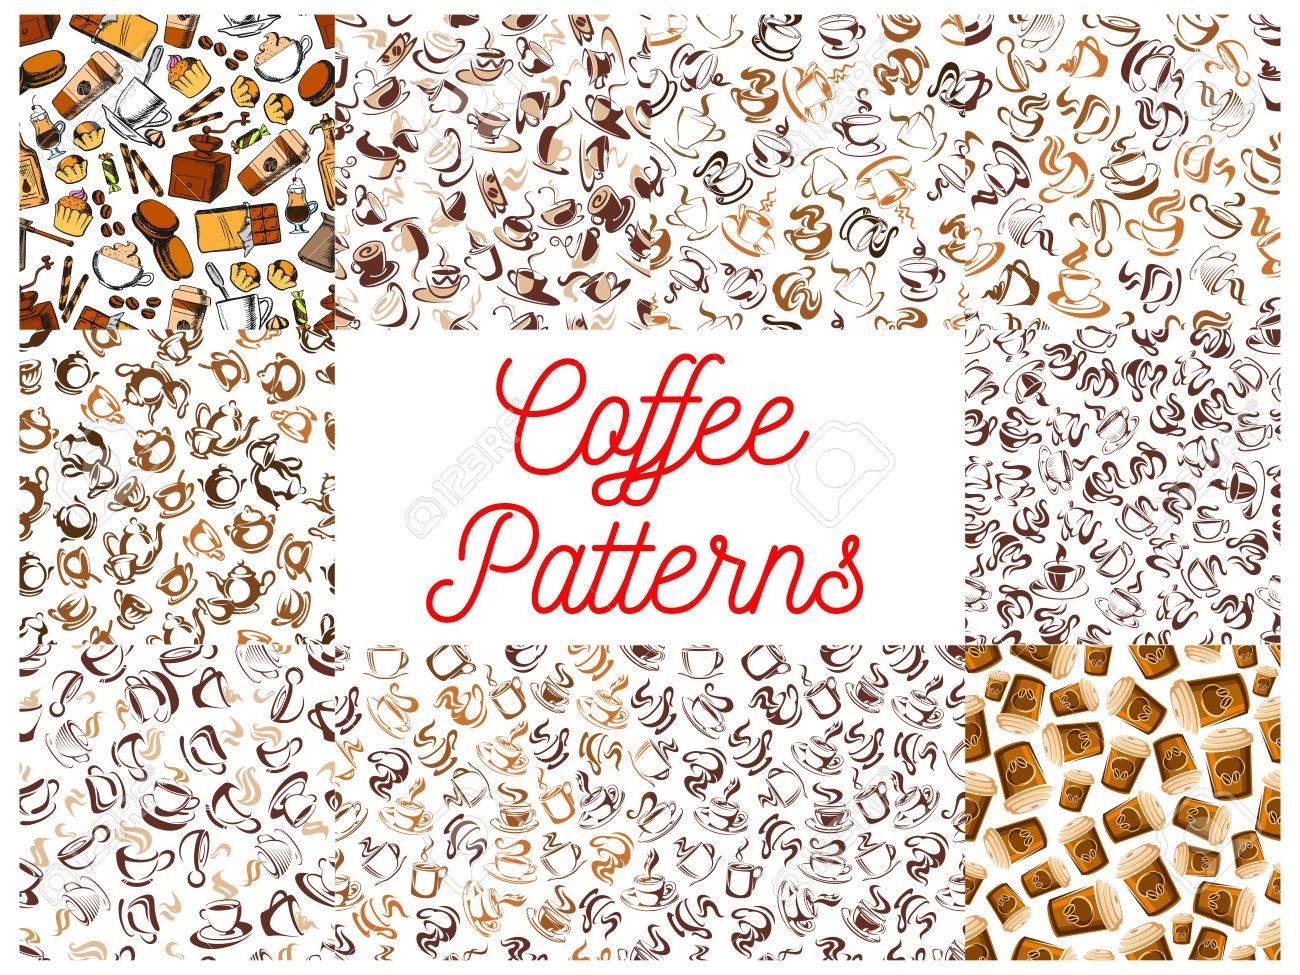 コーヒーのシームレスなパターンの背景 コーヒー カップ コーヒー